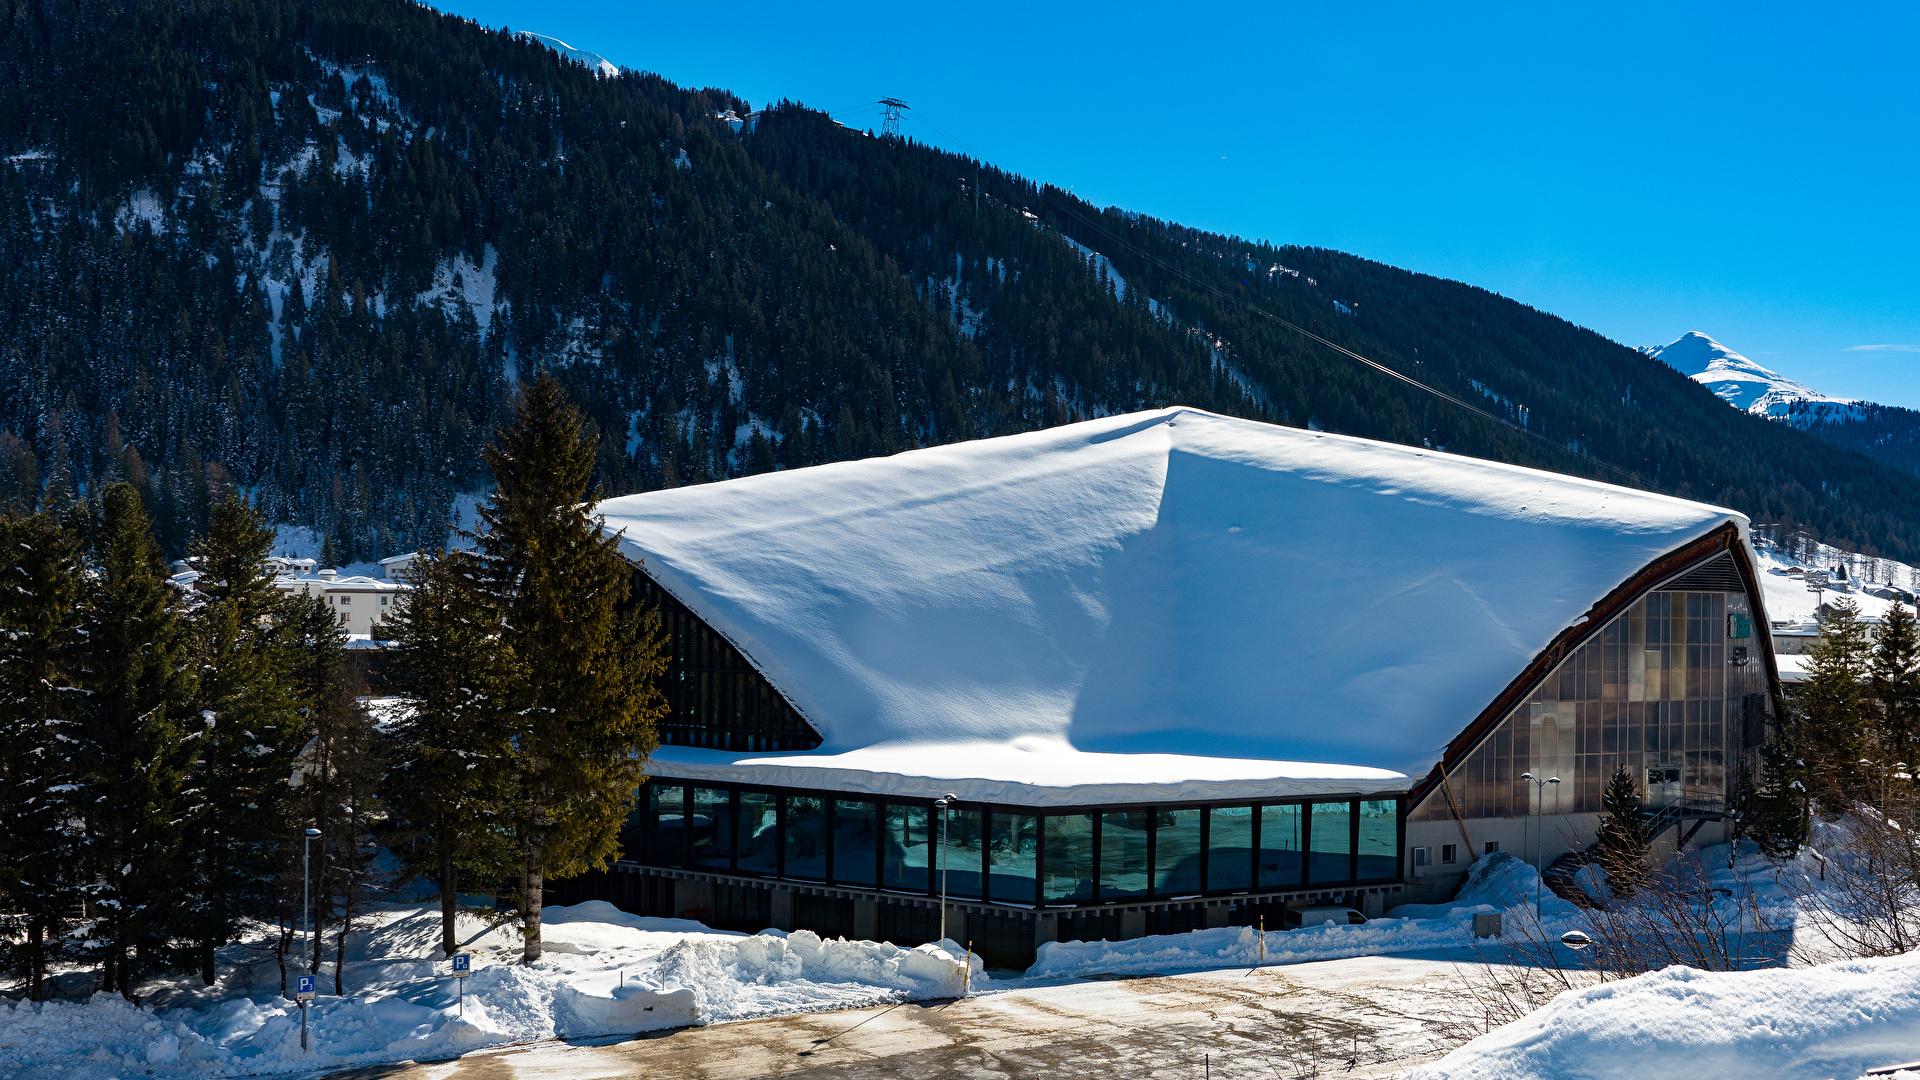 Картинка Швейцария Davos гора зимние снегу город Здания 1920x1080 Горы Зима Снег снеге снега Дома Города